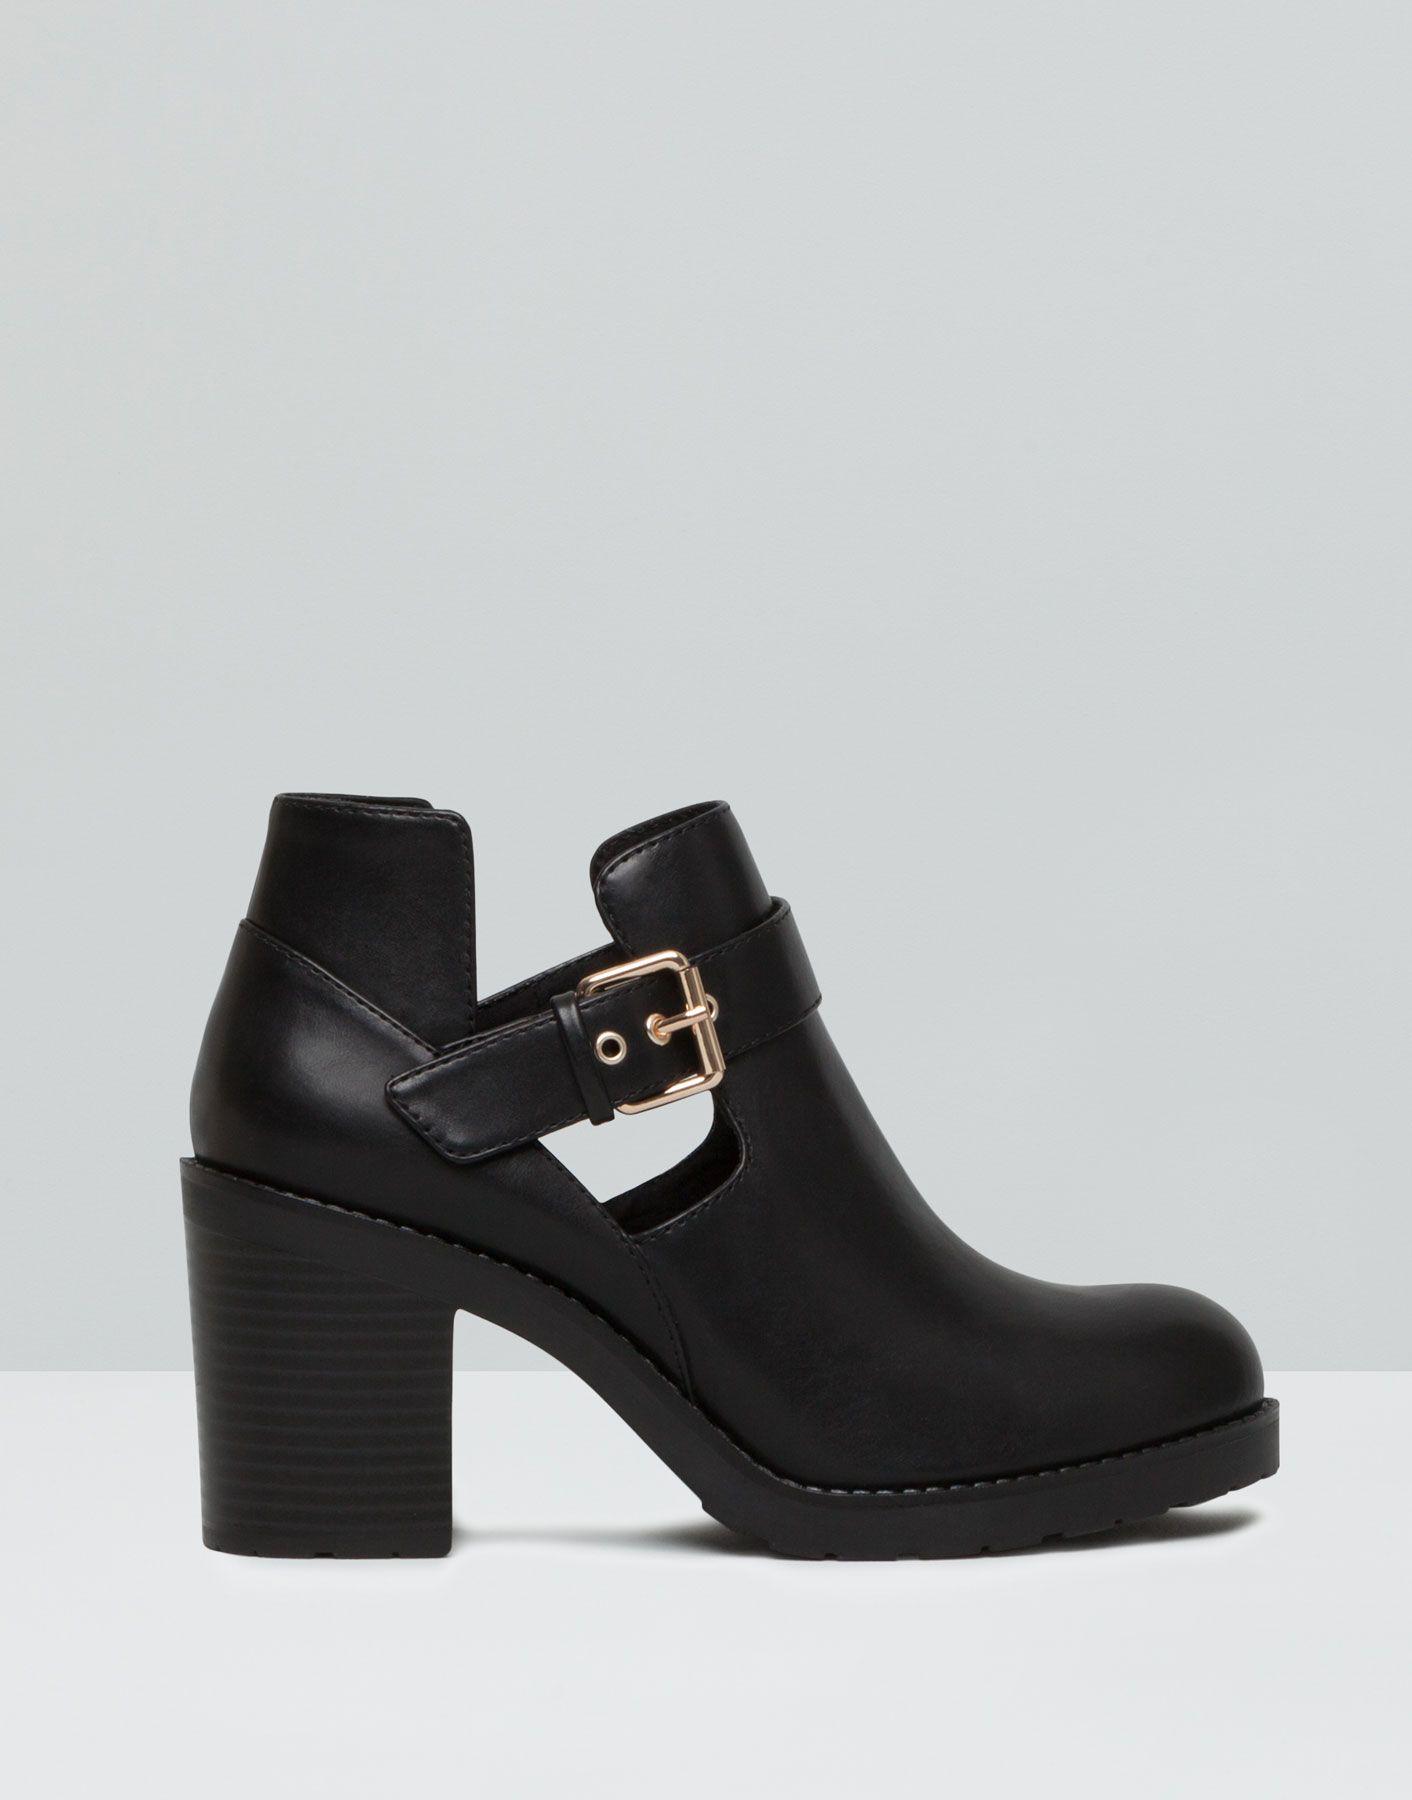 bottines talon ajourÉes - tailles spéciales - chaussures